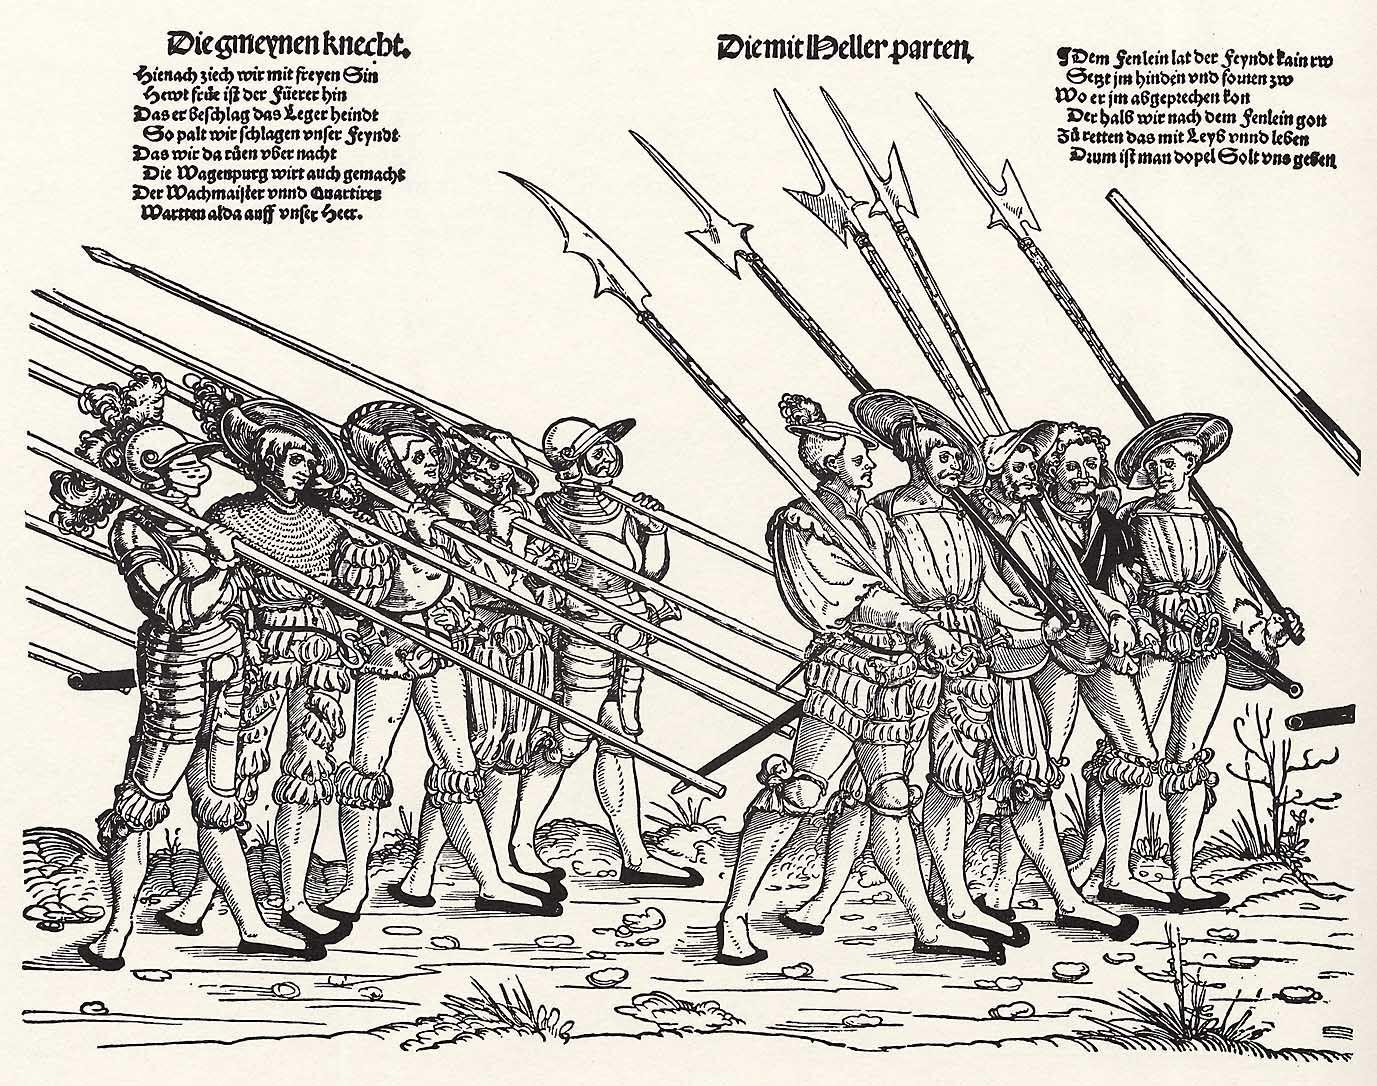 Der Heereszug der Landsknechte. Blatt 8, Die gemeynen Knecht und die mit Heller-Parten (um 1535)